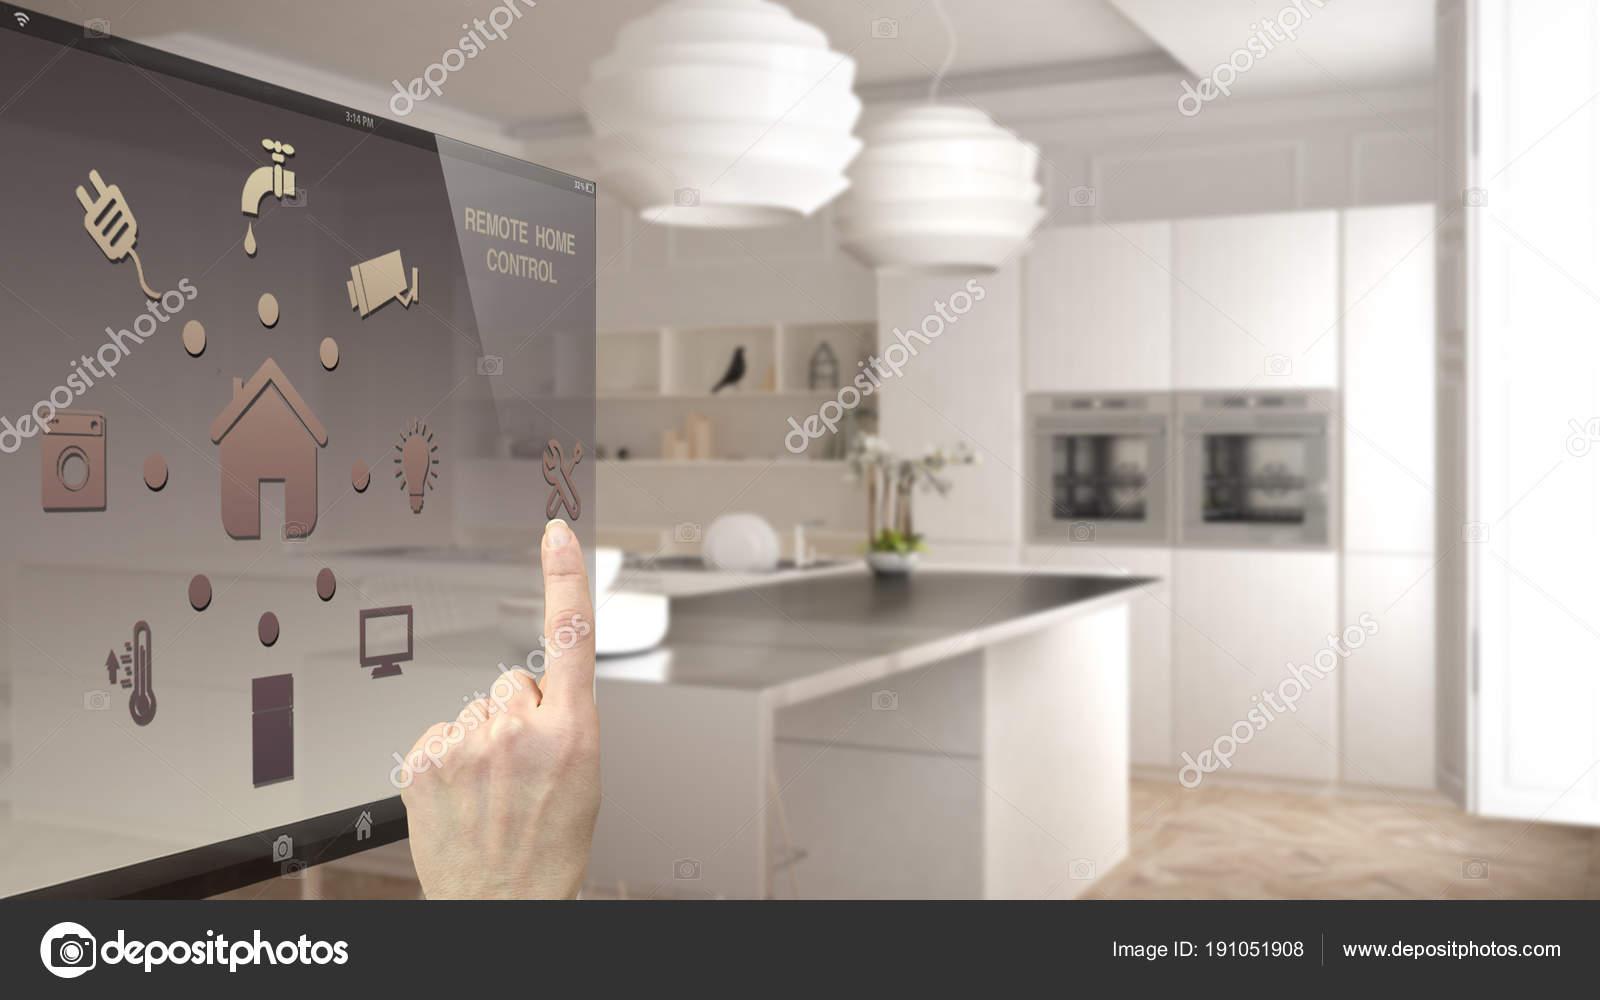 Cucina Moderna Digitale.Smart Concetto Controllo Casa Controllo Digitale